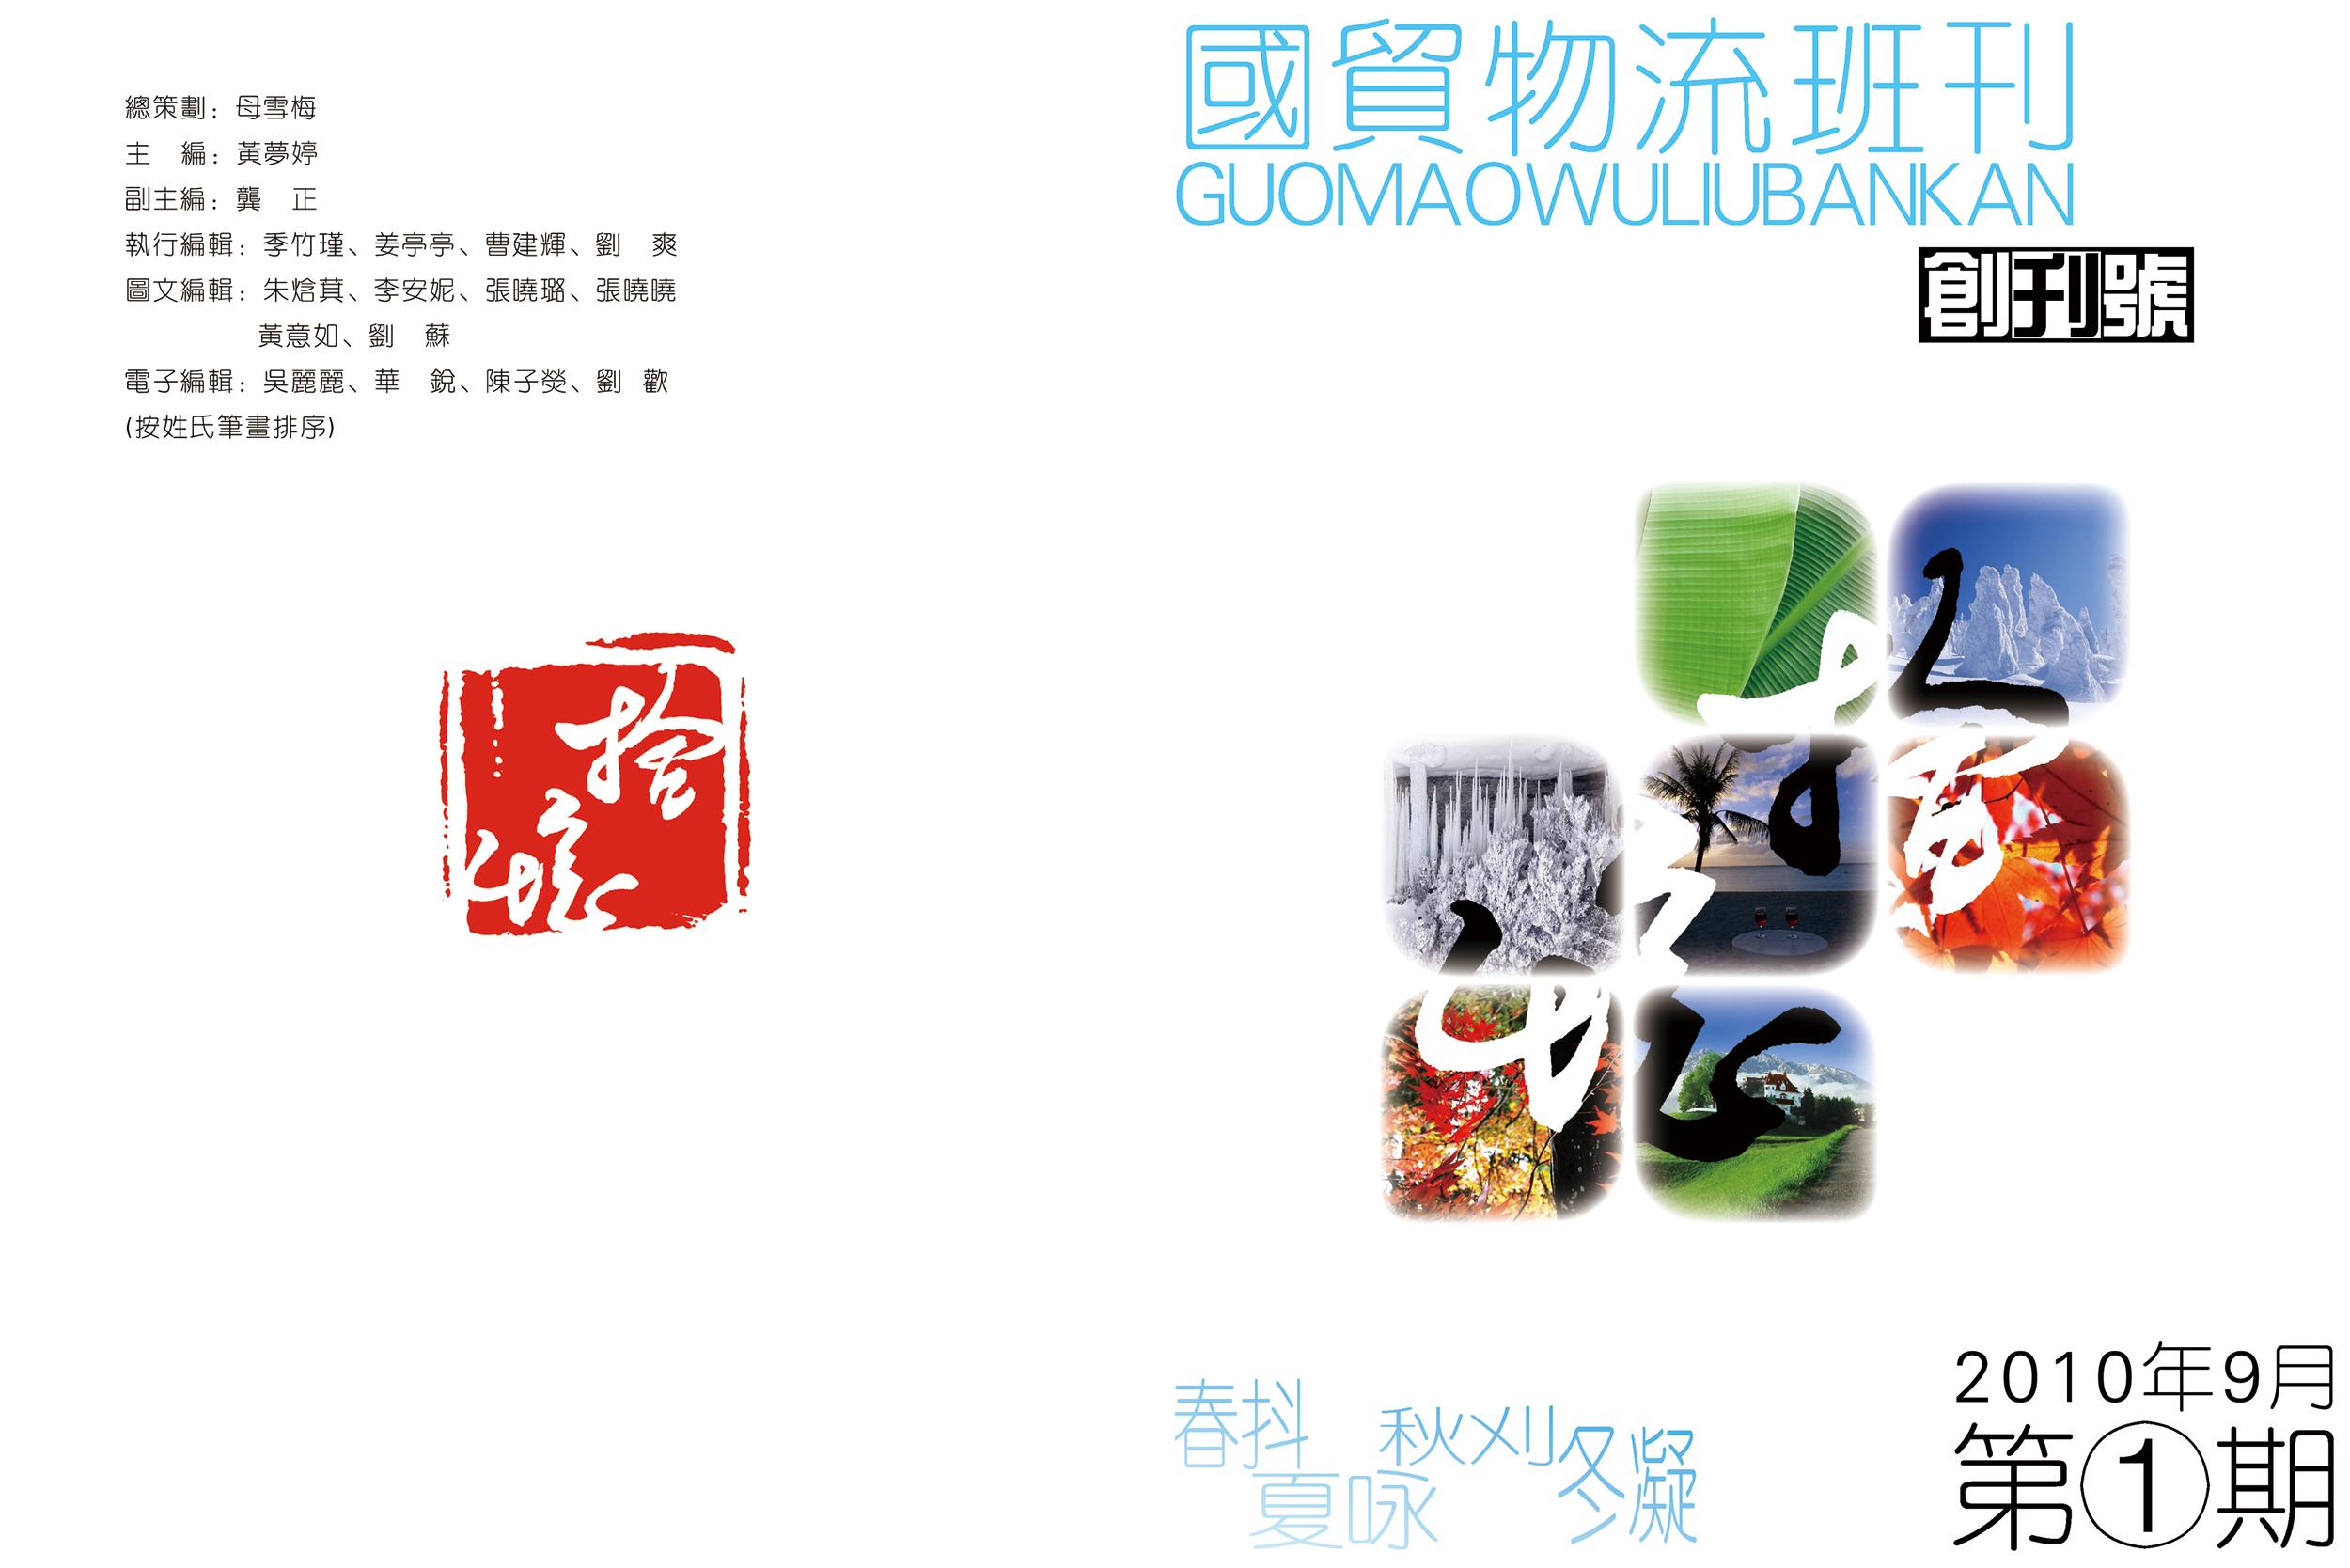 给班刊设计的封面图片